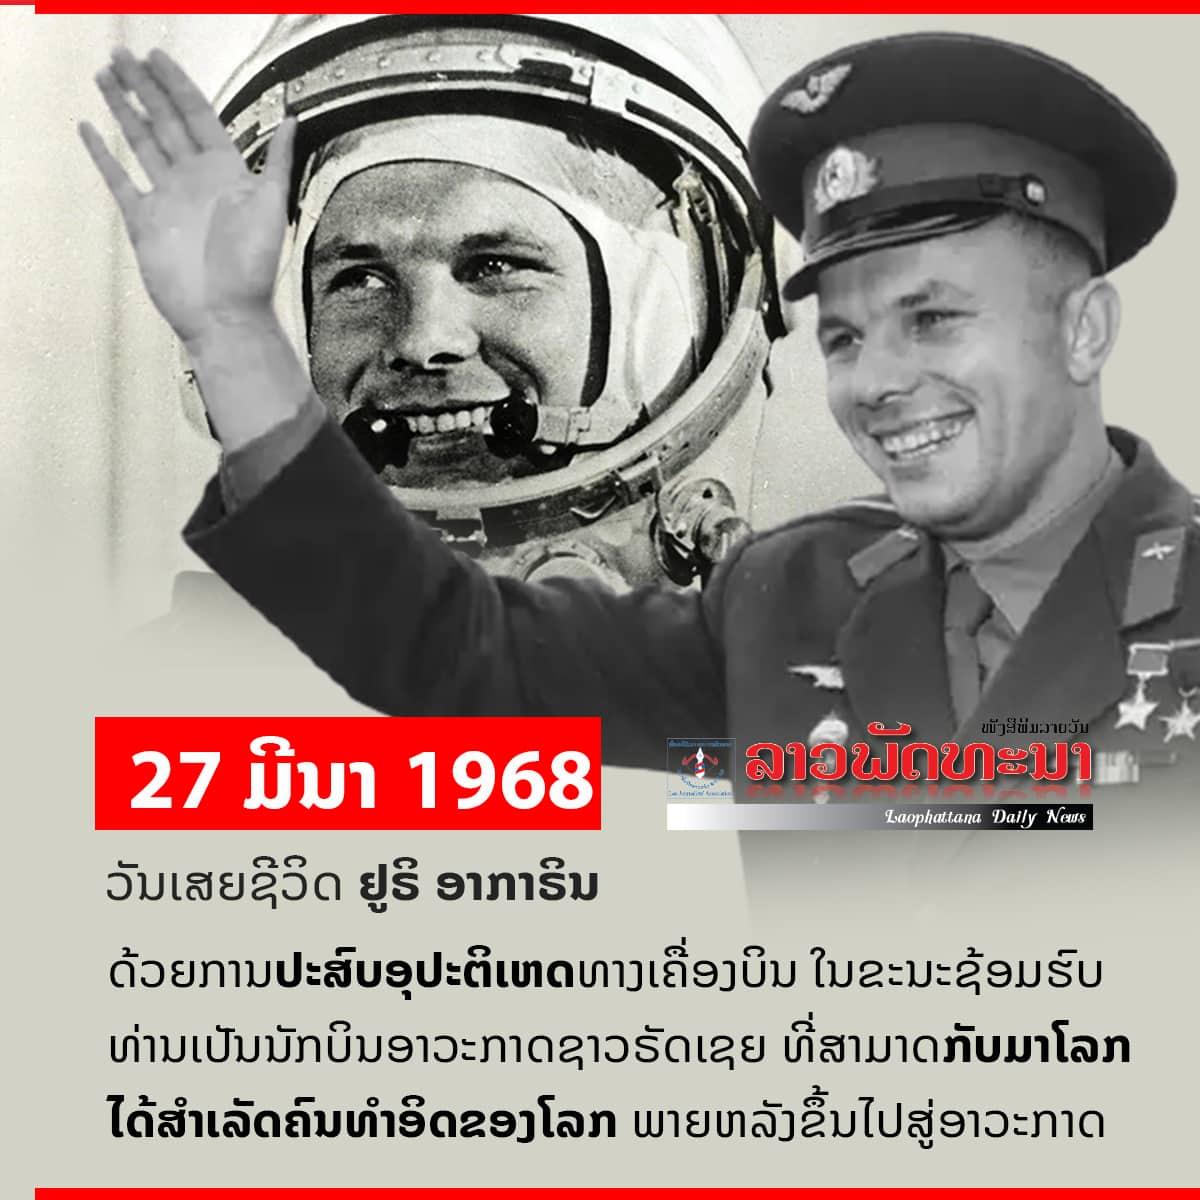 27 ມີນາ  1968 ວັນເສຍເສຍຊີວິດຂອງ ຢູຣິ ກາກາຣິນ -                                    - 27 ມີນາ  1968 ວັນເສຍເສຍຊີວິດຂອງ ຢູຣິ ກາກາຣິນ